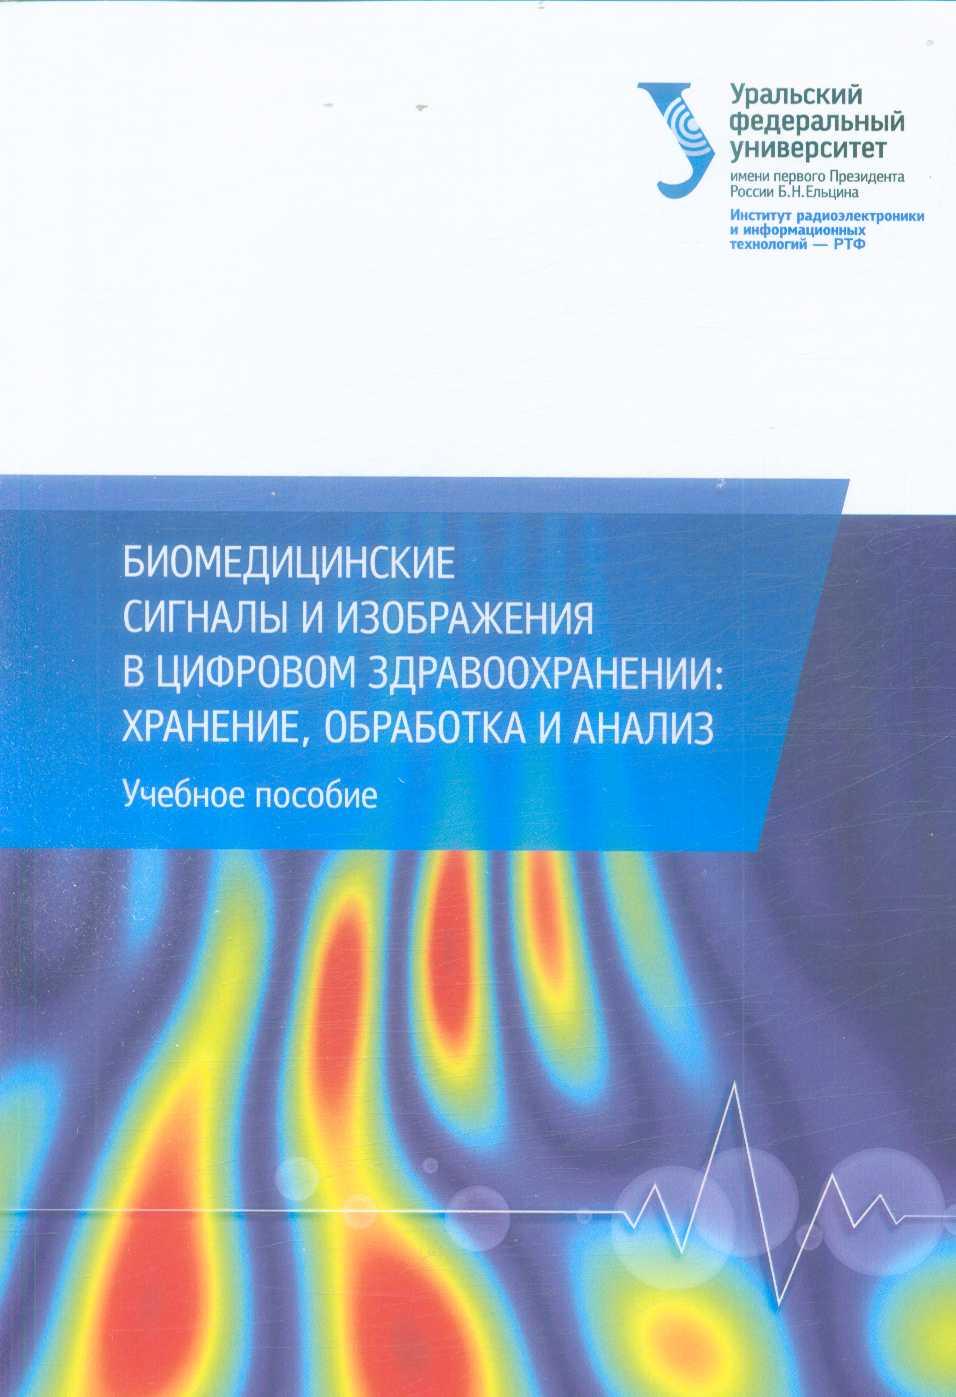 Сасов А.М. Древо жизни ракеты двадцатого века / Анатолий Михайлович Сасов, 2020. - 323, [2] с. - Текст : непосредственный.